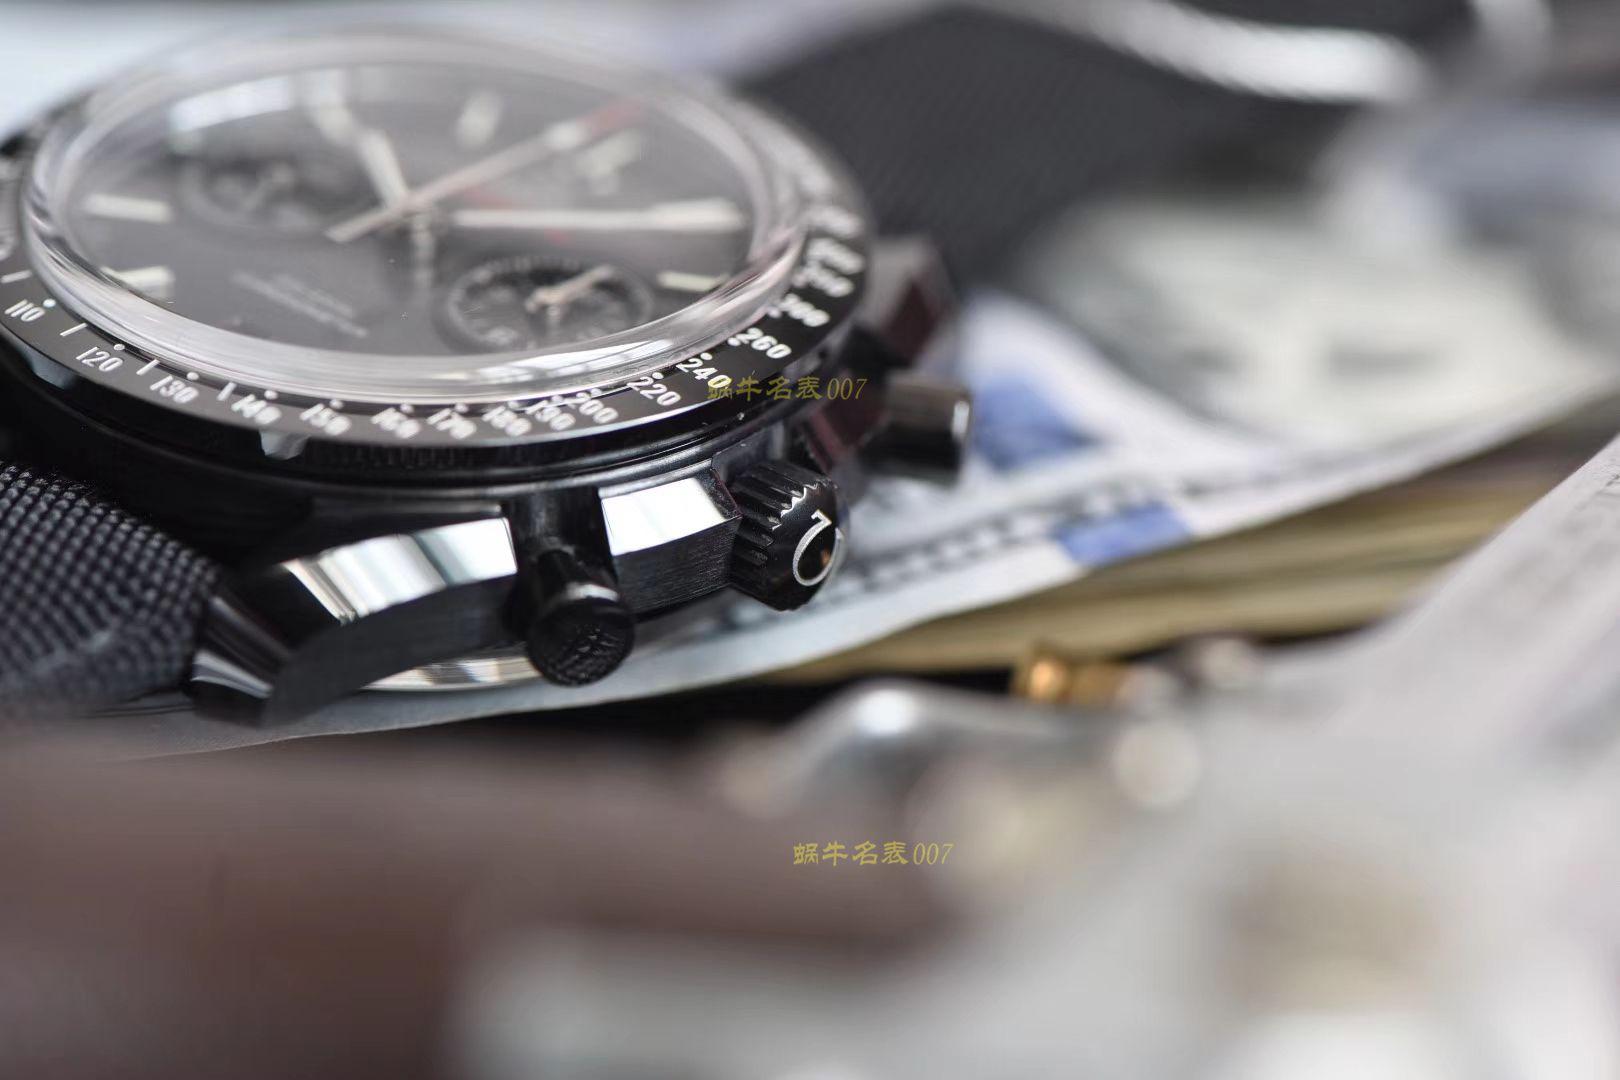 【视频评测OM厂一比一超A精仿手表】欧米茄超霸系列311.92.44.51.01.003腕表(欧米茄月之暗面) / M362